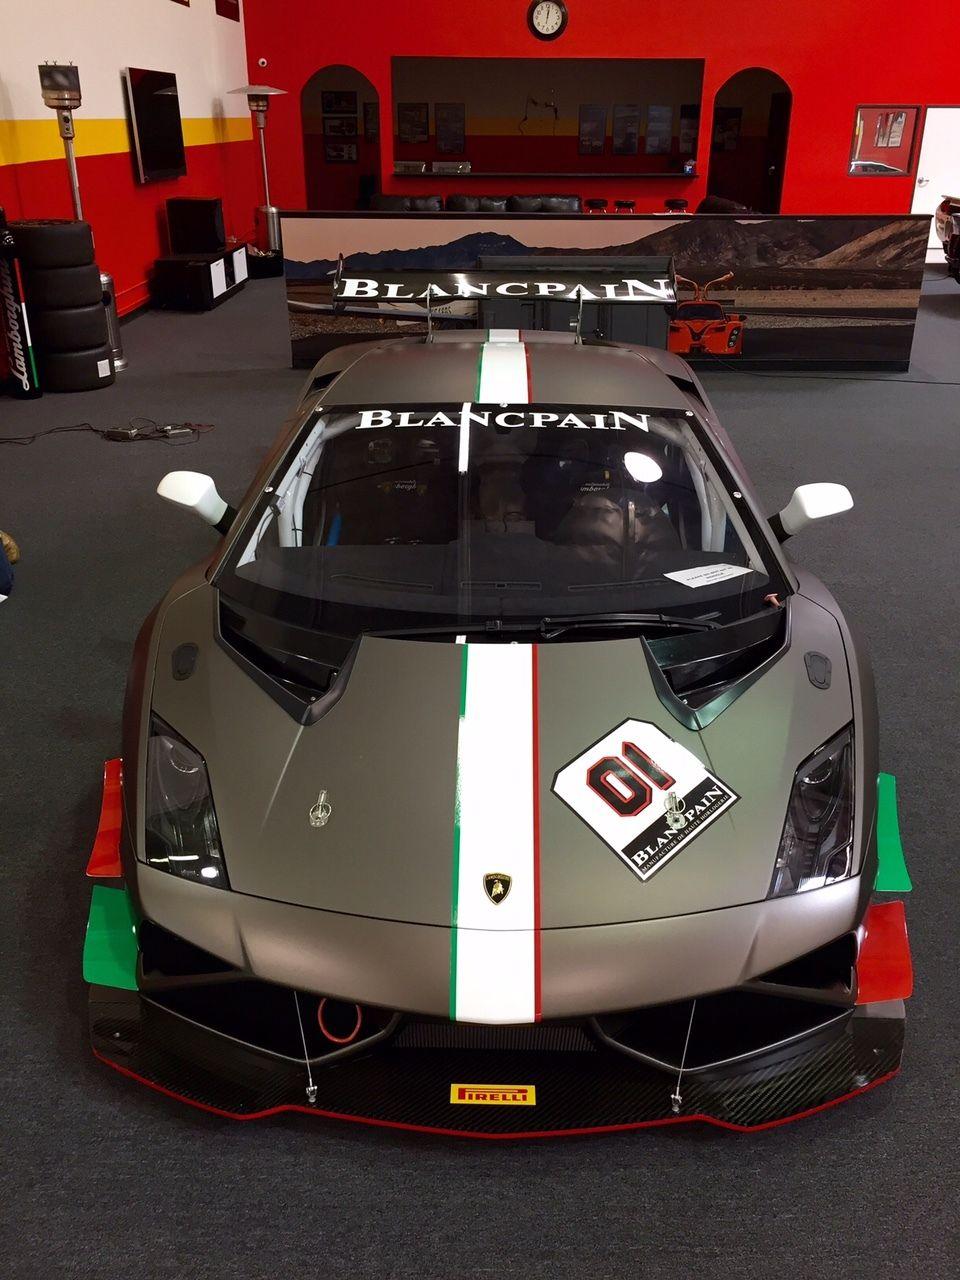 Bangshift Com Buy The Only New Lamborghini Gallardo Trofeo Race Car